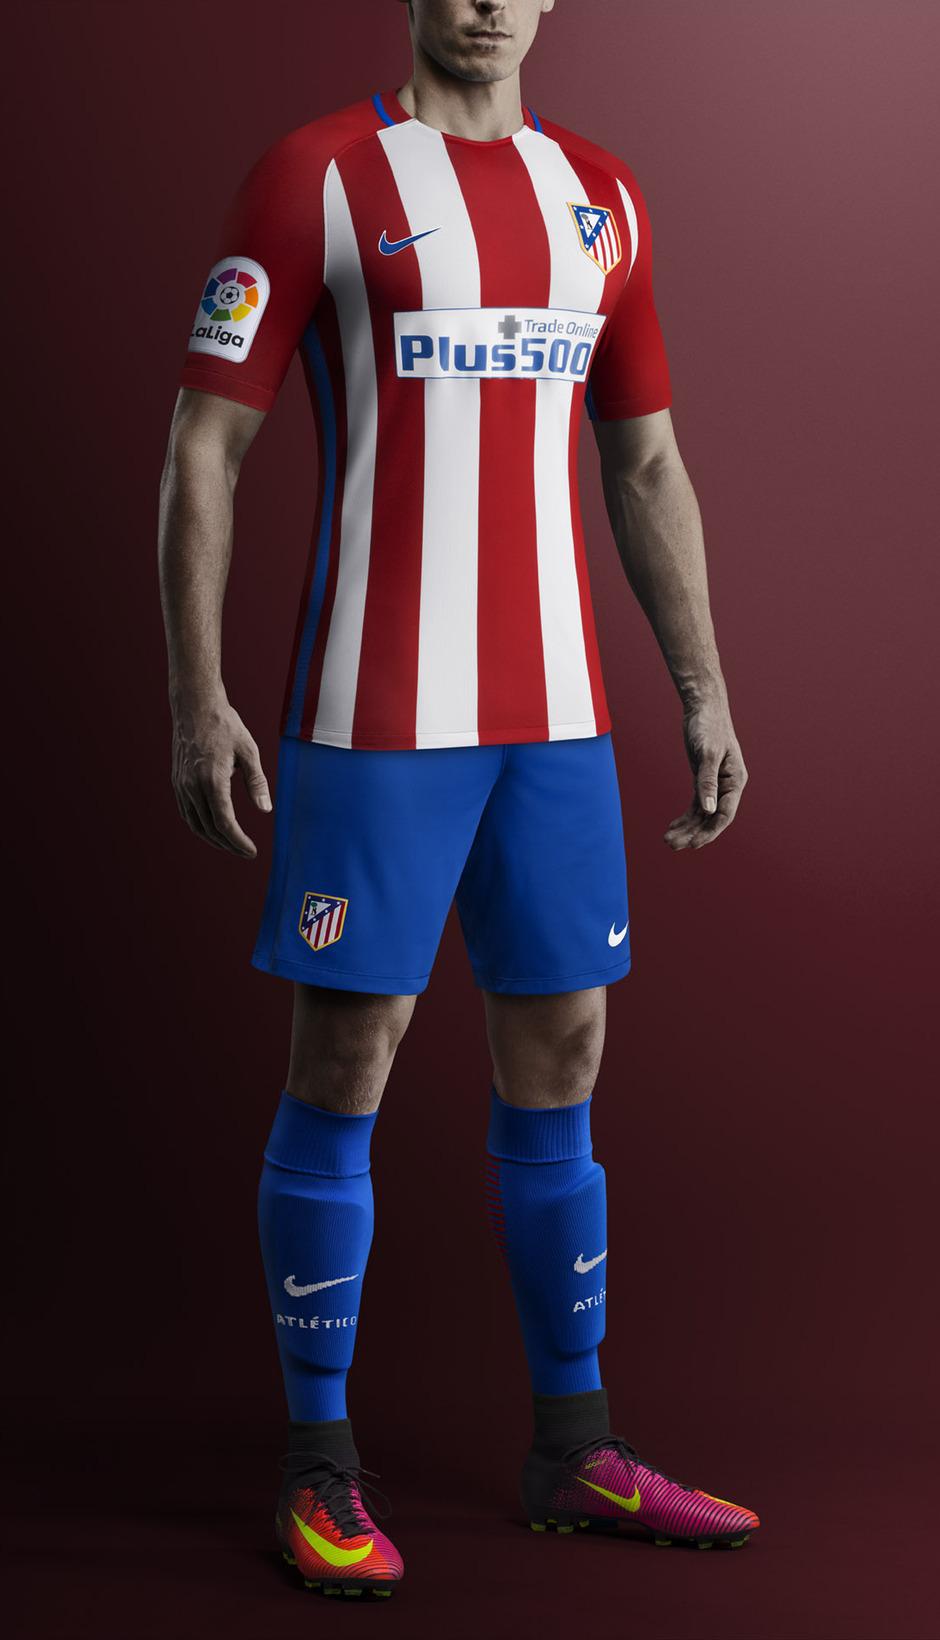 equipacion Atlético de Madrid en venta